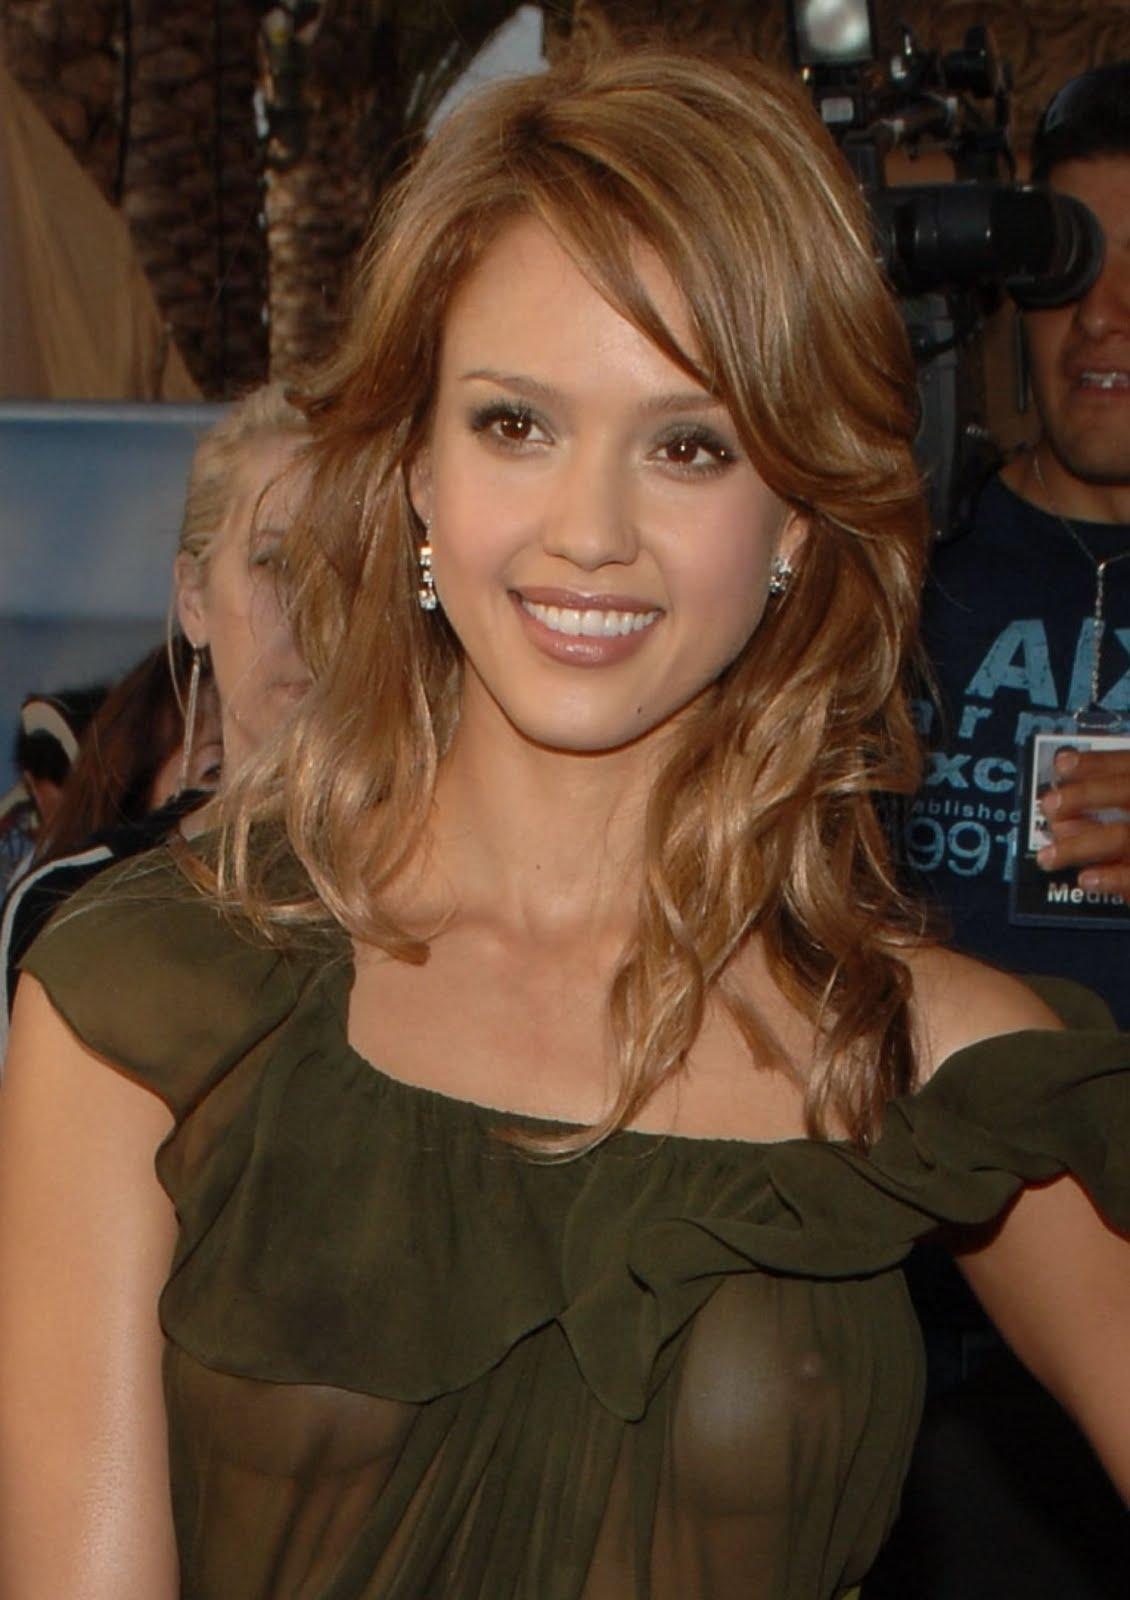 http://4.bp.blogspot.com/_vRN6KDEnFA8/TI3pzrIy1eI/AAAAAAAACNk/OQMq4-C8RDI/s1600/Most+Popular+Celebrity+Jessica+Alba+(1)-746241.jpg